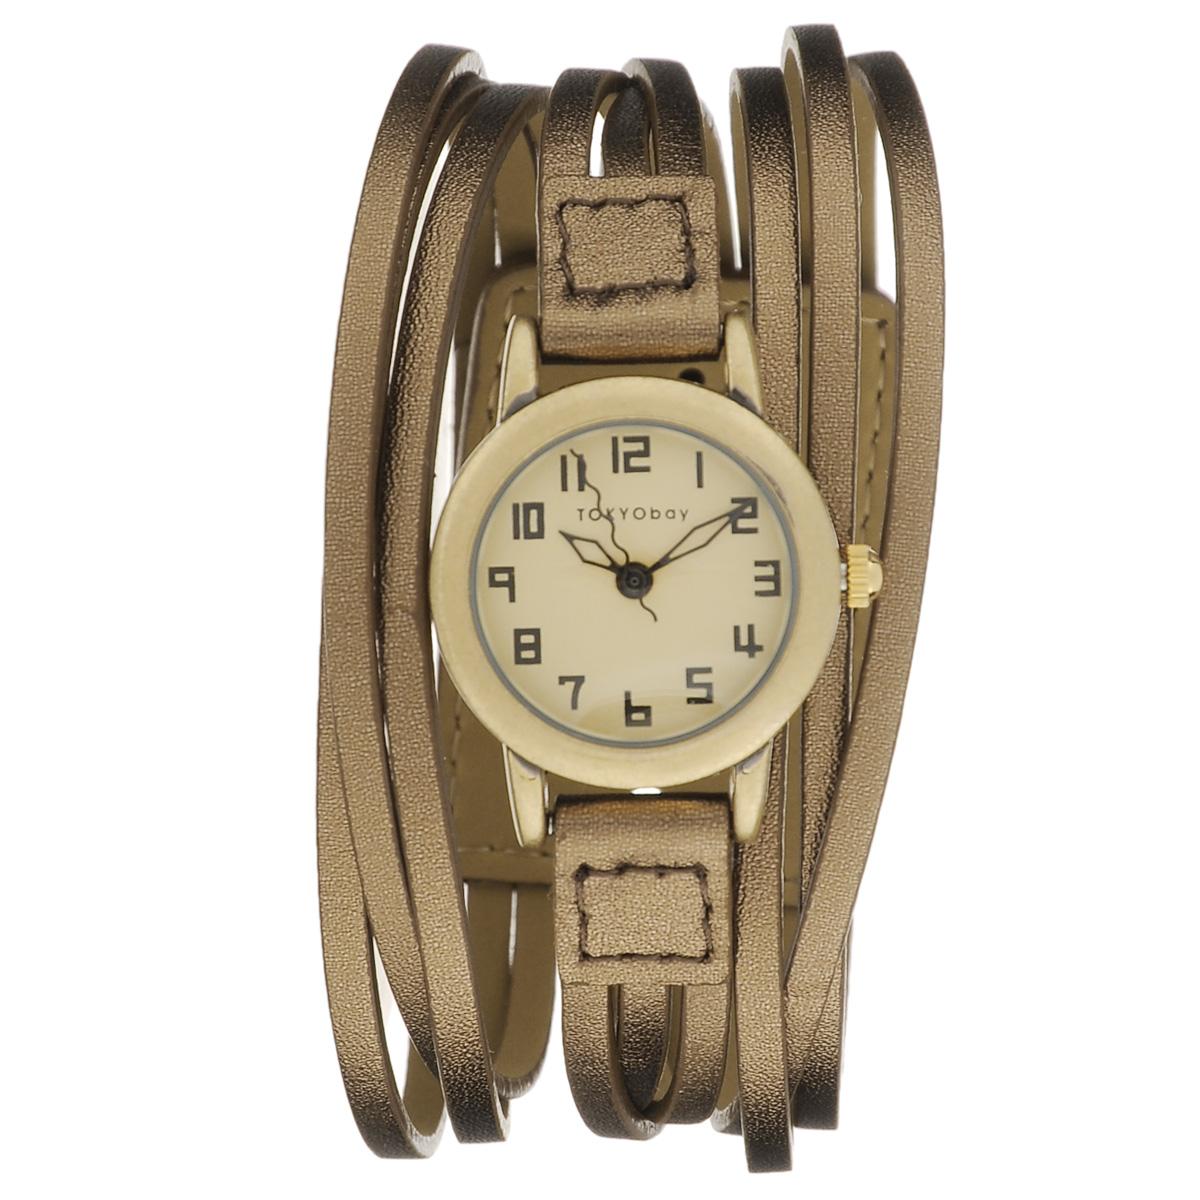 Часы женские наручные Tokyobay Gaucho, цвет: бронзовый. T432M-BZT432M-BZНаручные часы Tokyobay - это стильное дополнение к вашему неповторимому образу. Эти часы созданы для современных женщин, ценящих стиль, качество и практичность. Часы оснащены японским кварцевым механизмом Miyota. Задняя крышка изготовлена из нержавеющей стали. Корпус изготовлен из металлического сплава, не содержащего никель. Циферблат украшен изящными стрелками - часовой, минутной и секундной. Ремешок тройной, выполнен из натуральной кожи. Часы Tokyobay - это практичный и модный аксессуар, который подчеркнет ваш безупречный вкус. Характеристики: Корпус: 2,2 х 2,2 х 1,2 см. Размер ремешка: 18 х 1 см. Не содержит никель. Не водостойкие.